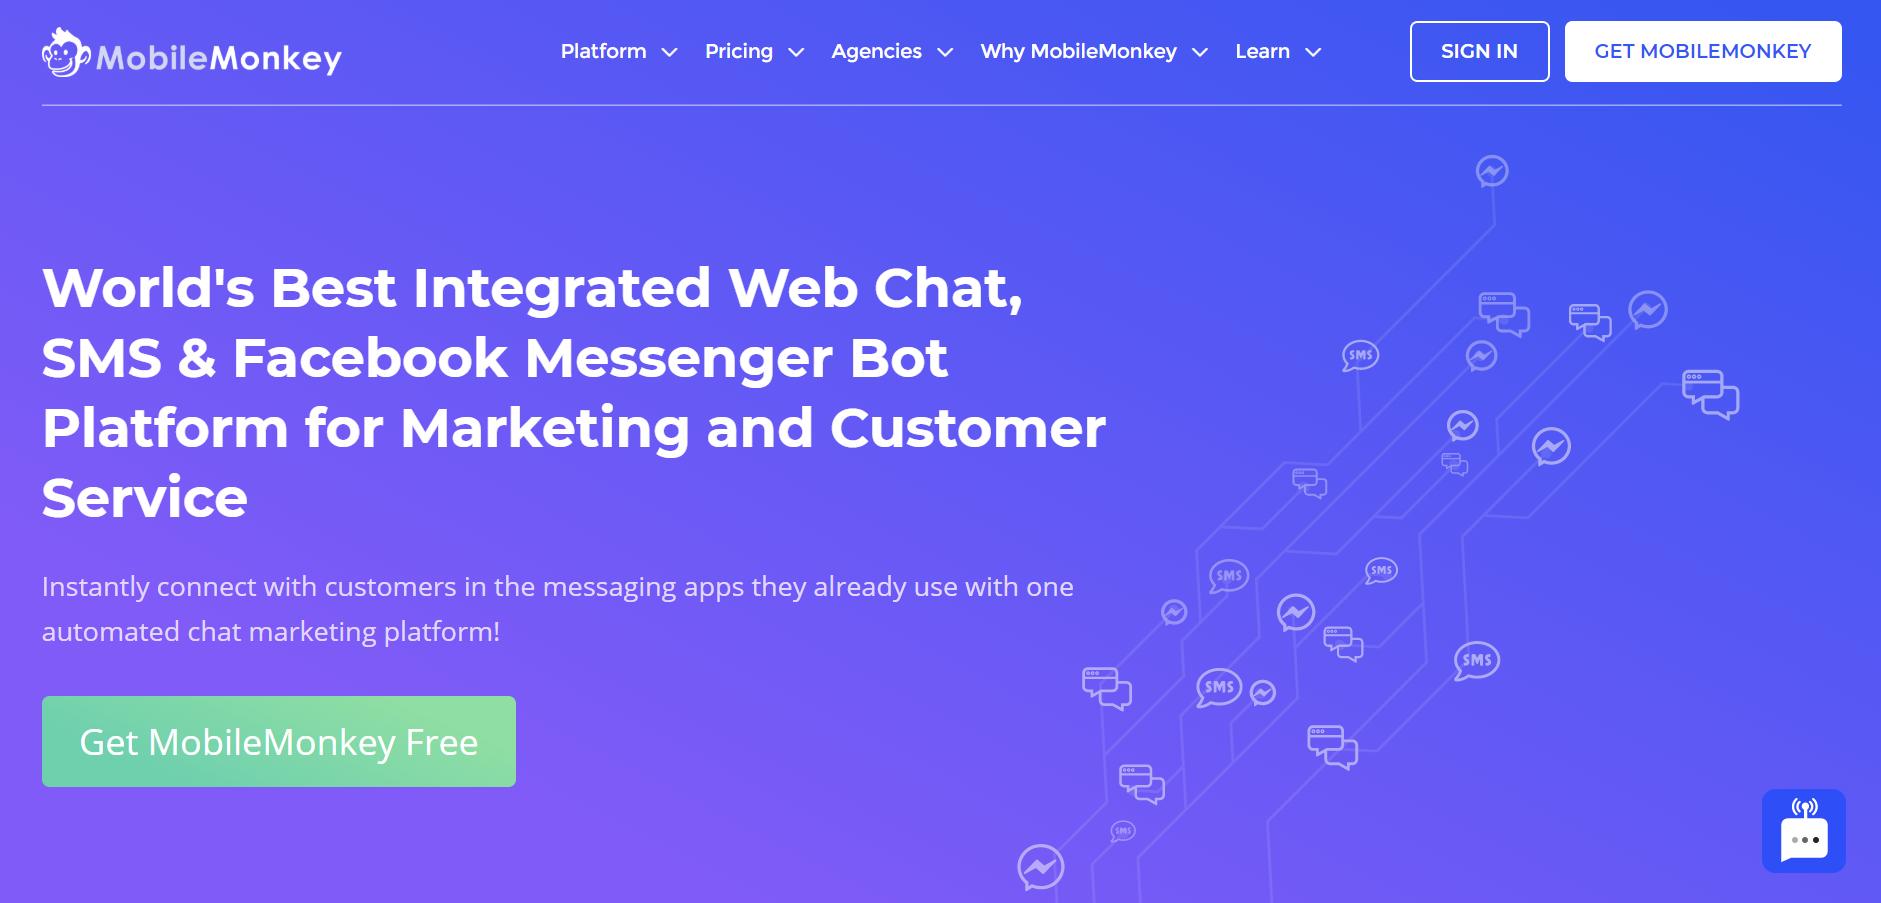 best SMS marketing services - MobileMonkey